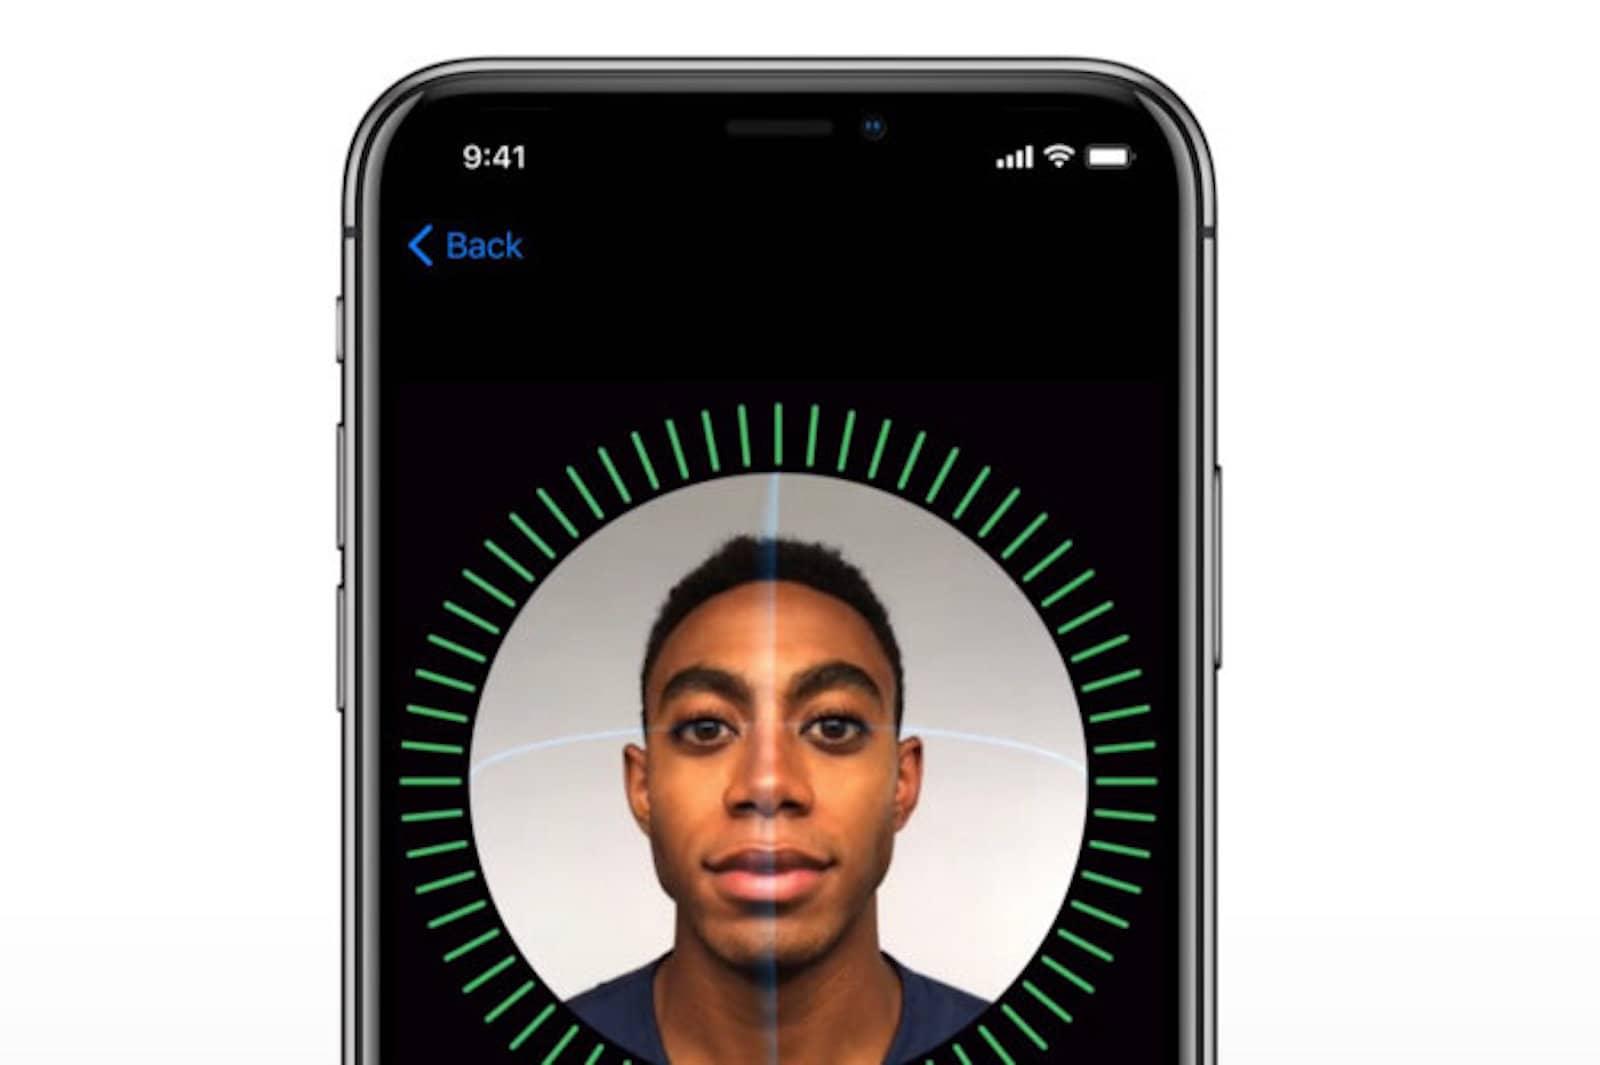 Face ID facial scanning process